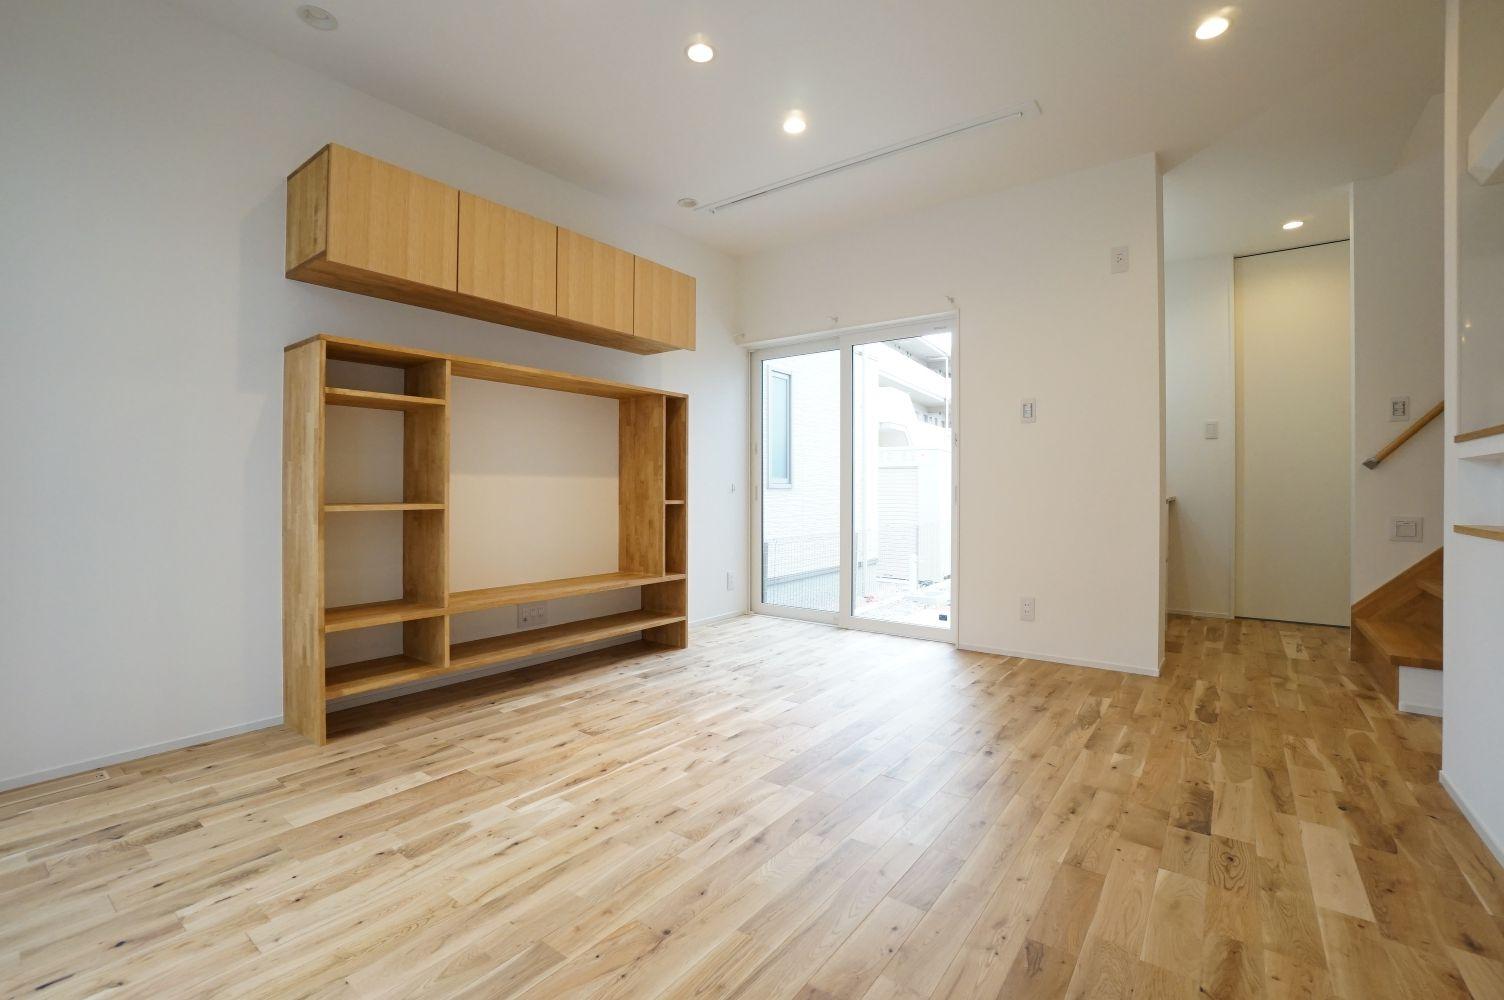 RIKYU (リキュー)【デザイン住宅、間取り、建築家】造作のテレビボードは収納力抜群。インテリアの一部にもなっている